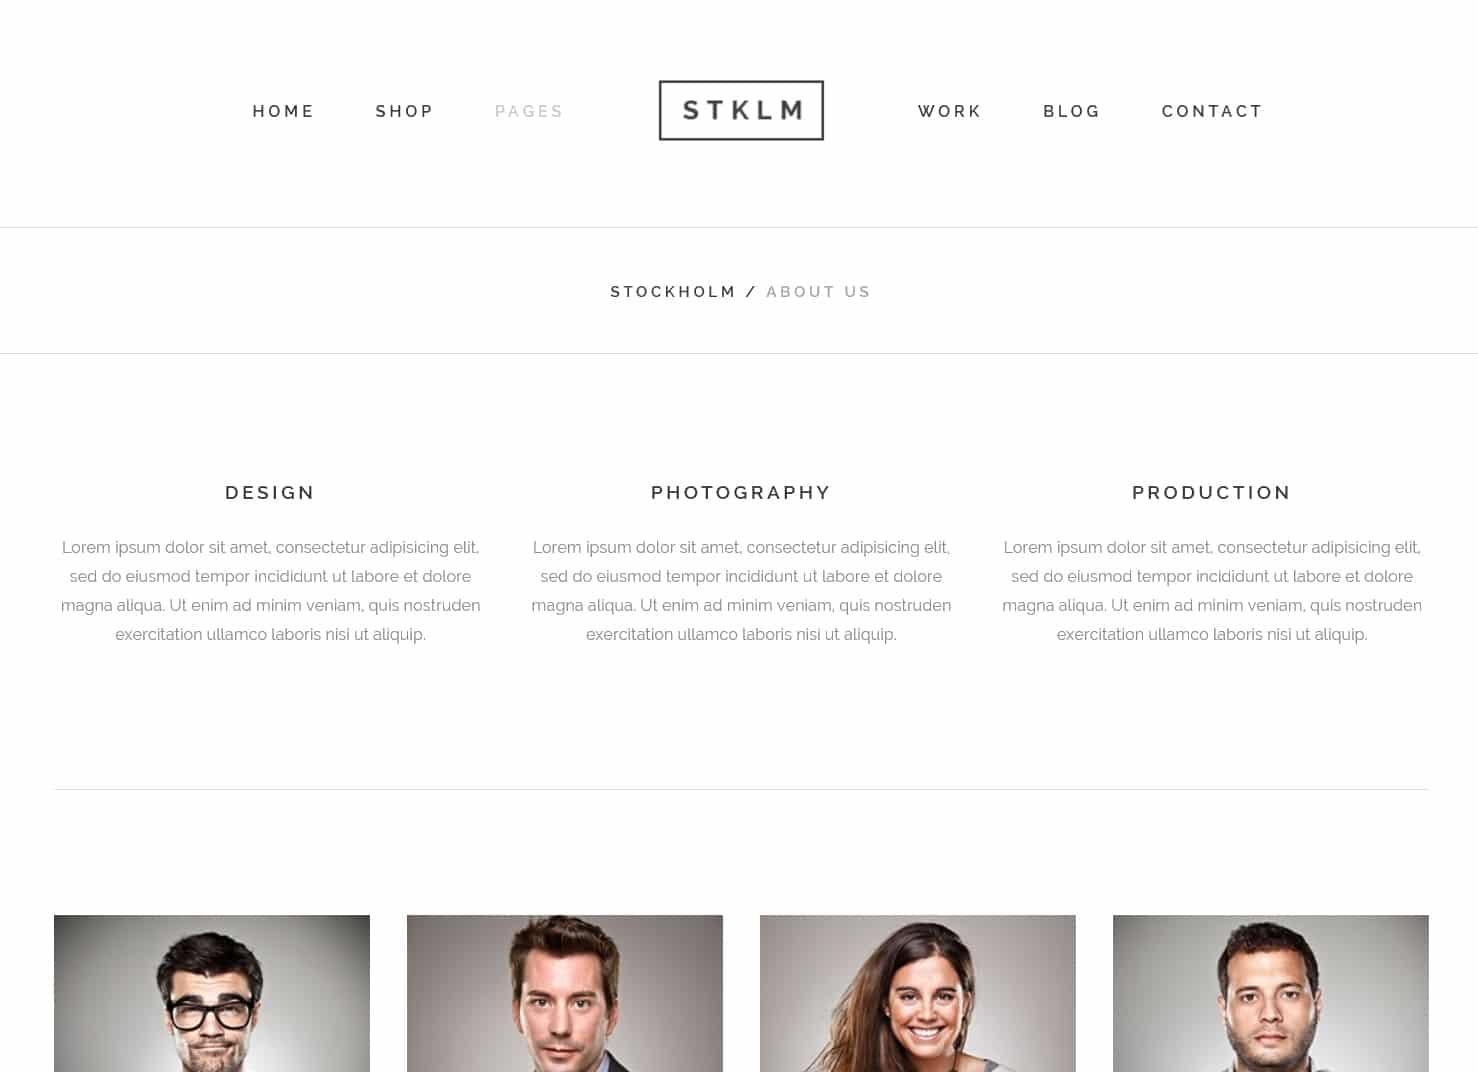 表面功夫版型參考-極簡現代風格購物網站-About Page